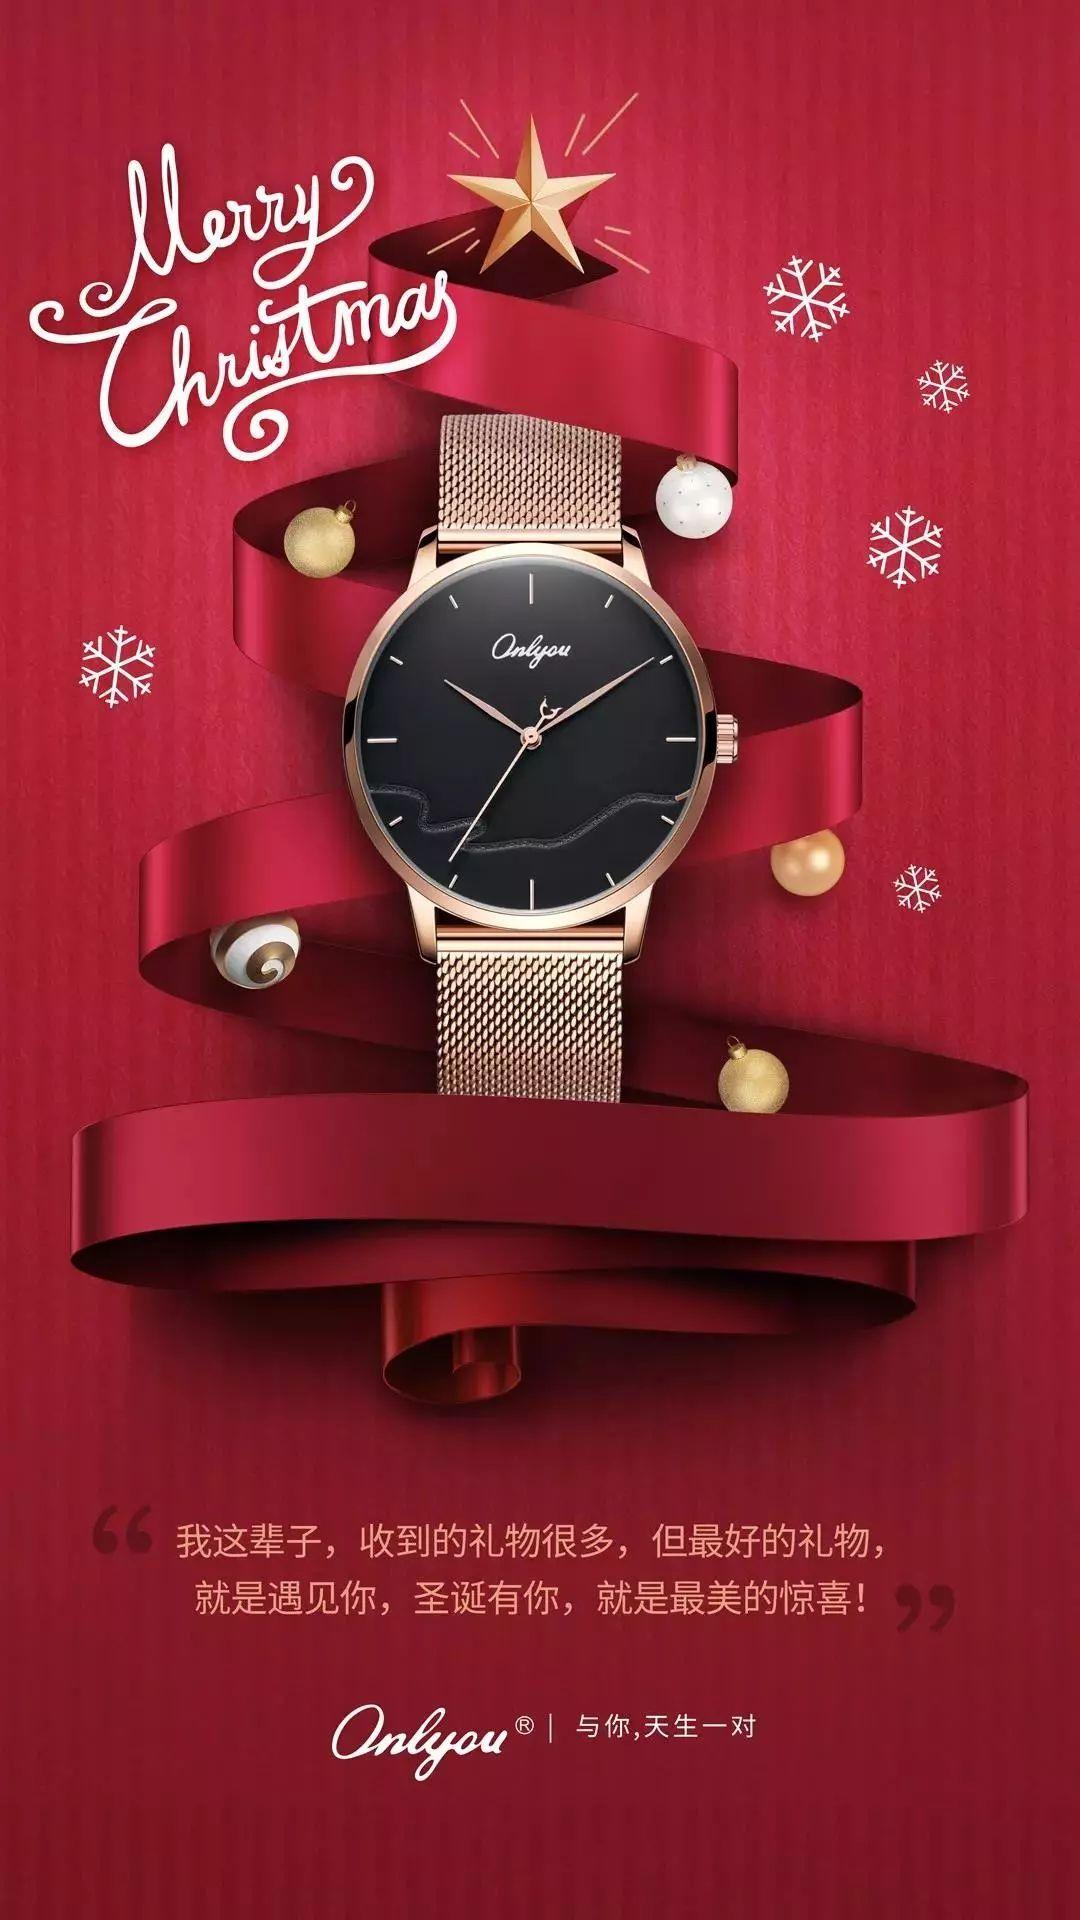 2019品牌借势圣诞节海报设计欣赏,哪个最有创意?